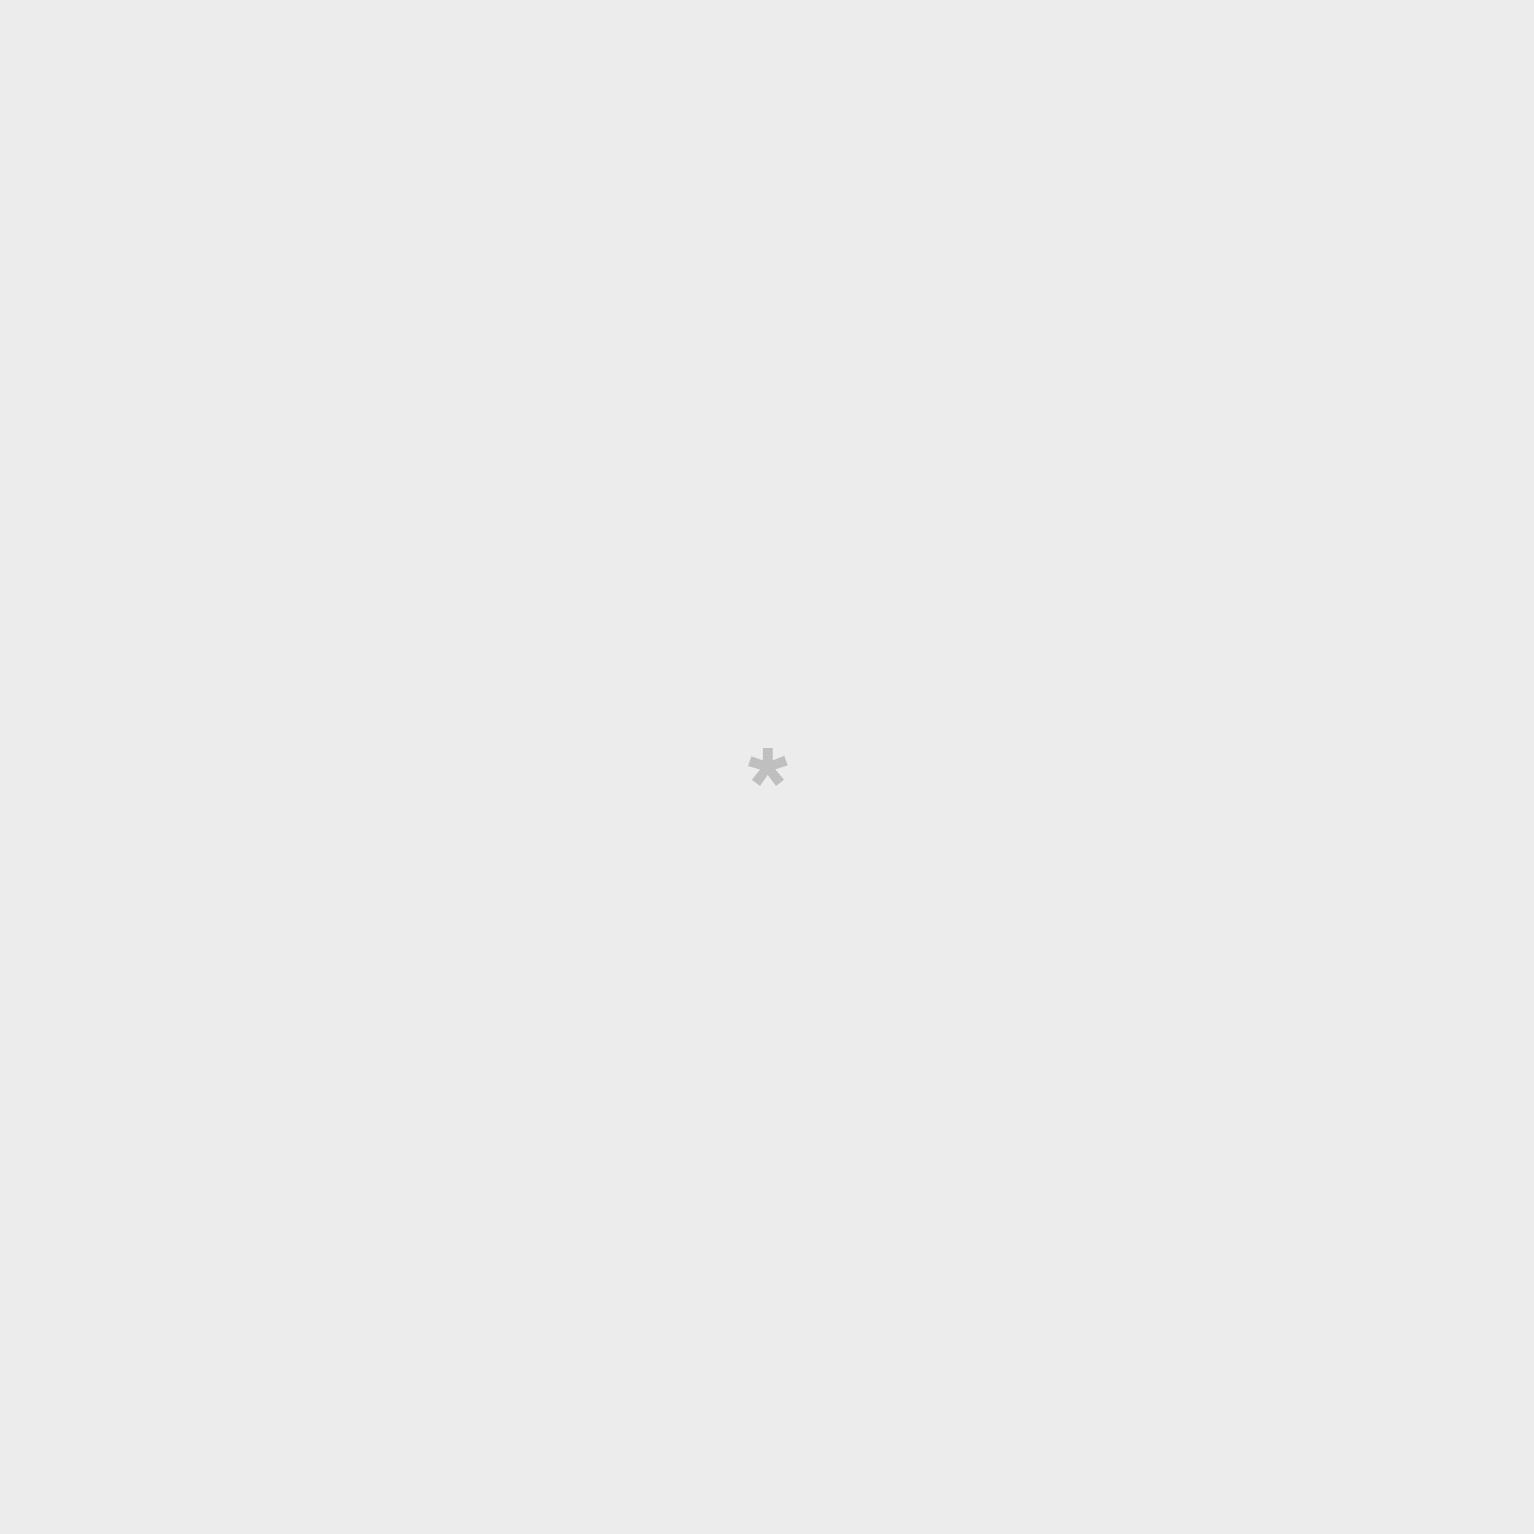 Set de 2 copas de vino para brindar por nuestra amistad